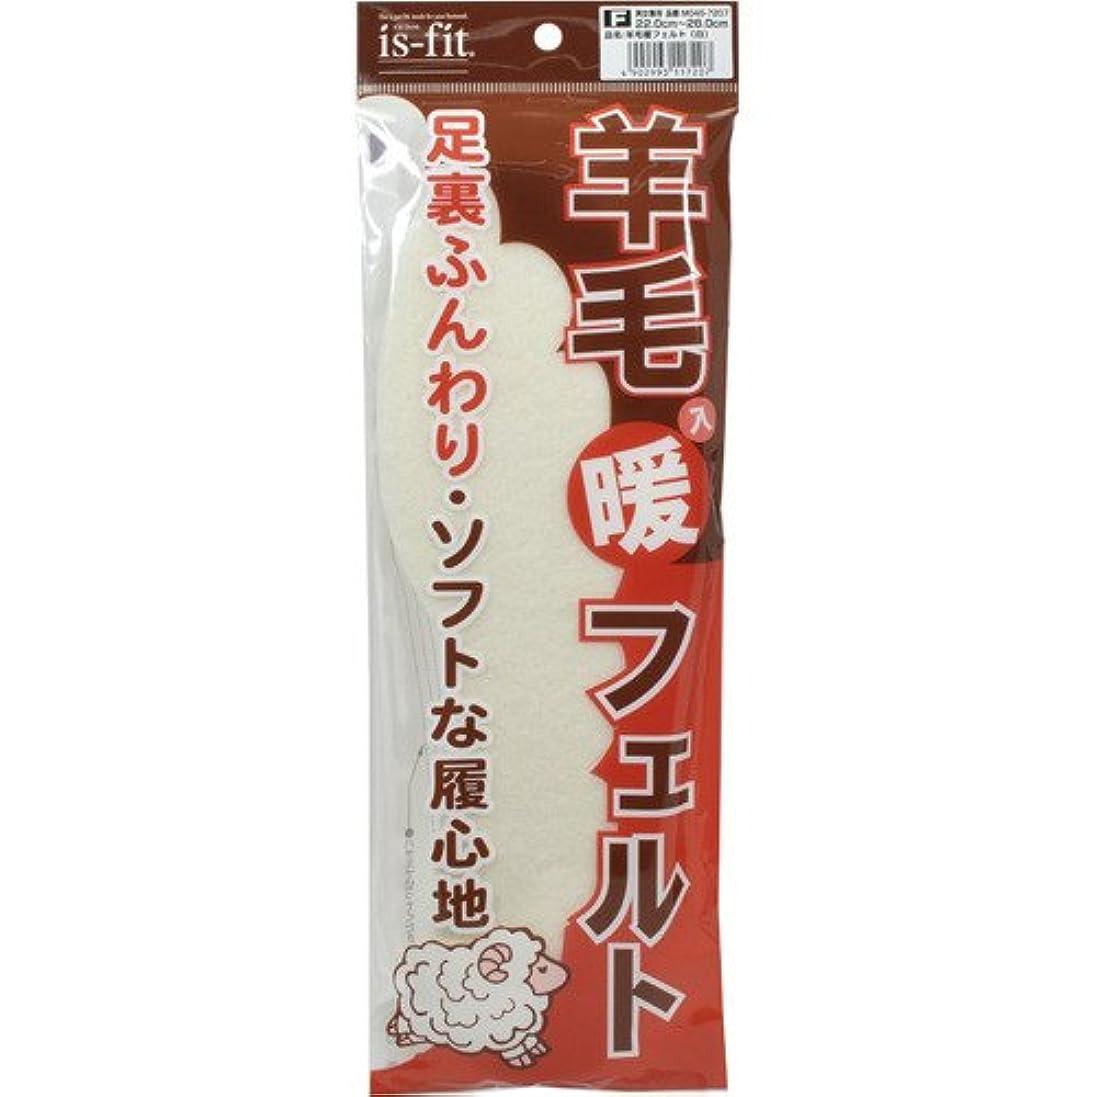 位置づける乳剤効果的にis-fit(イズフィット) 羊毛入り暖フェルト 男女兼用 22.0-28.0cm 白